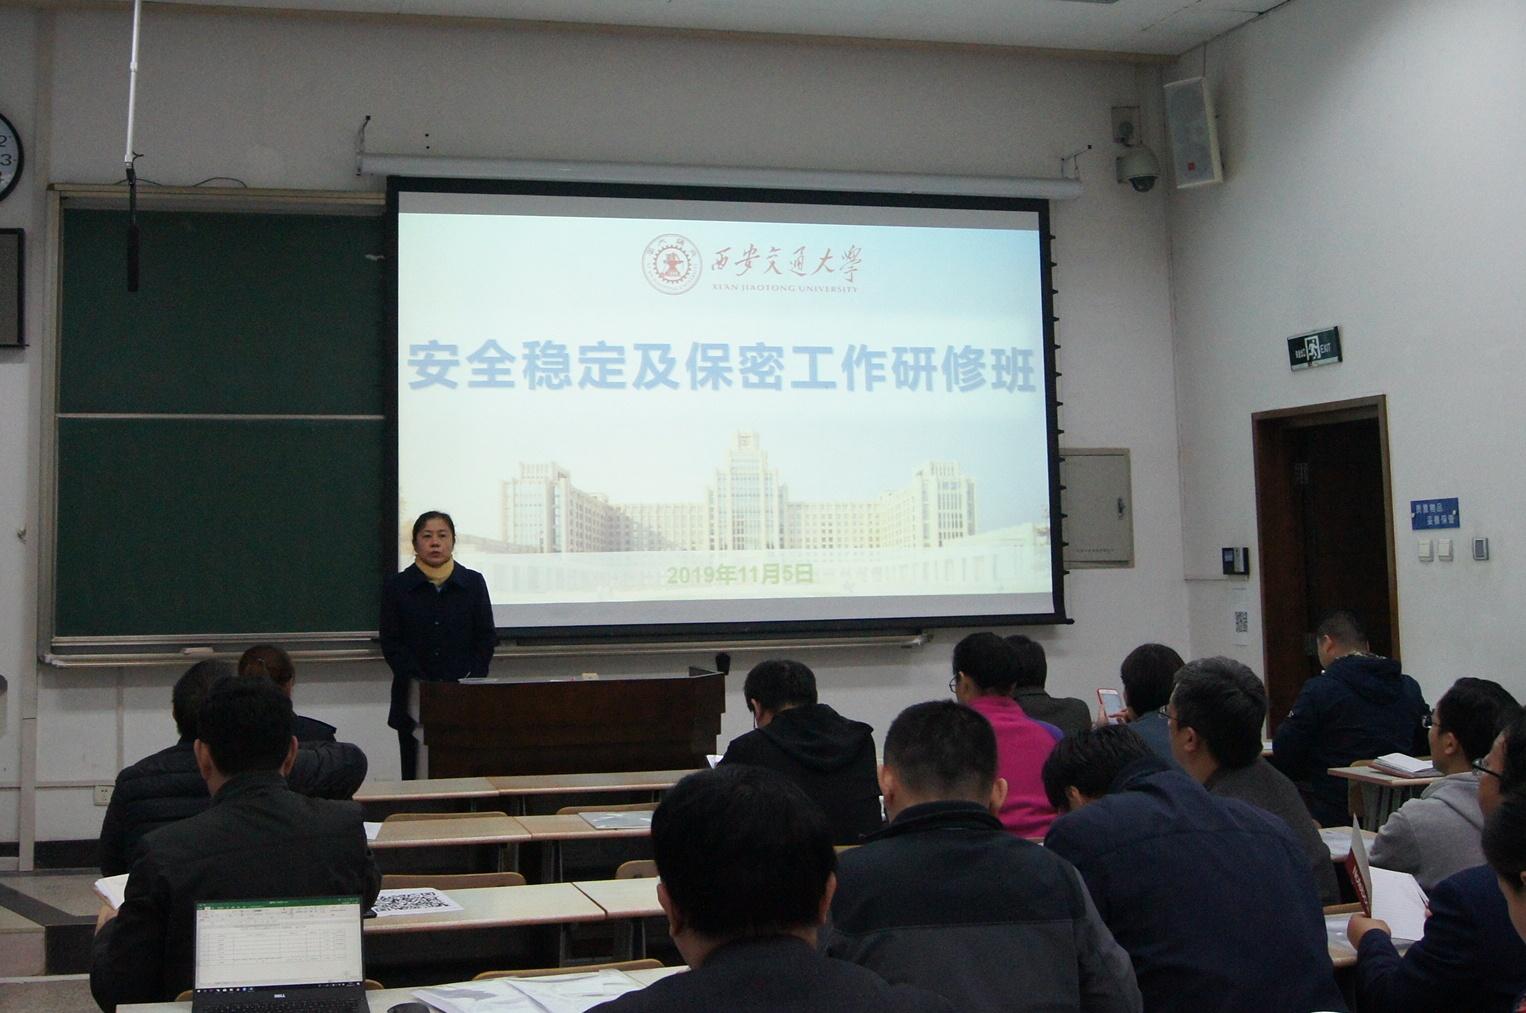 西安交通大学2019年安全稳定及保